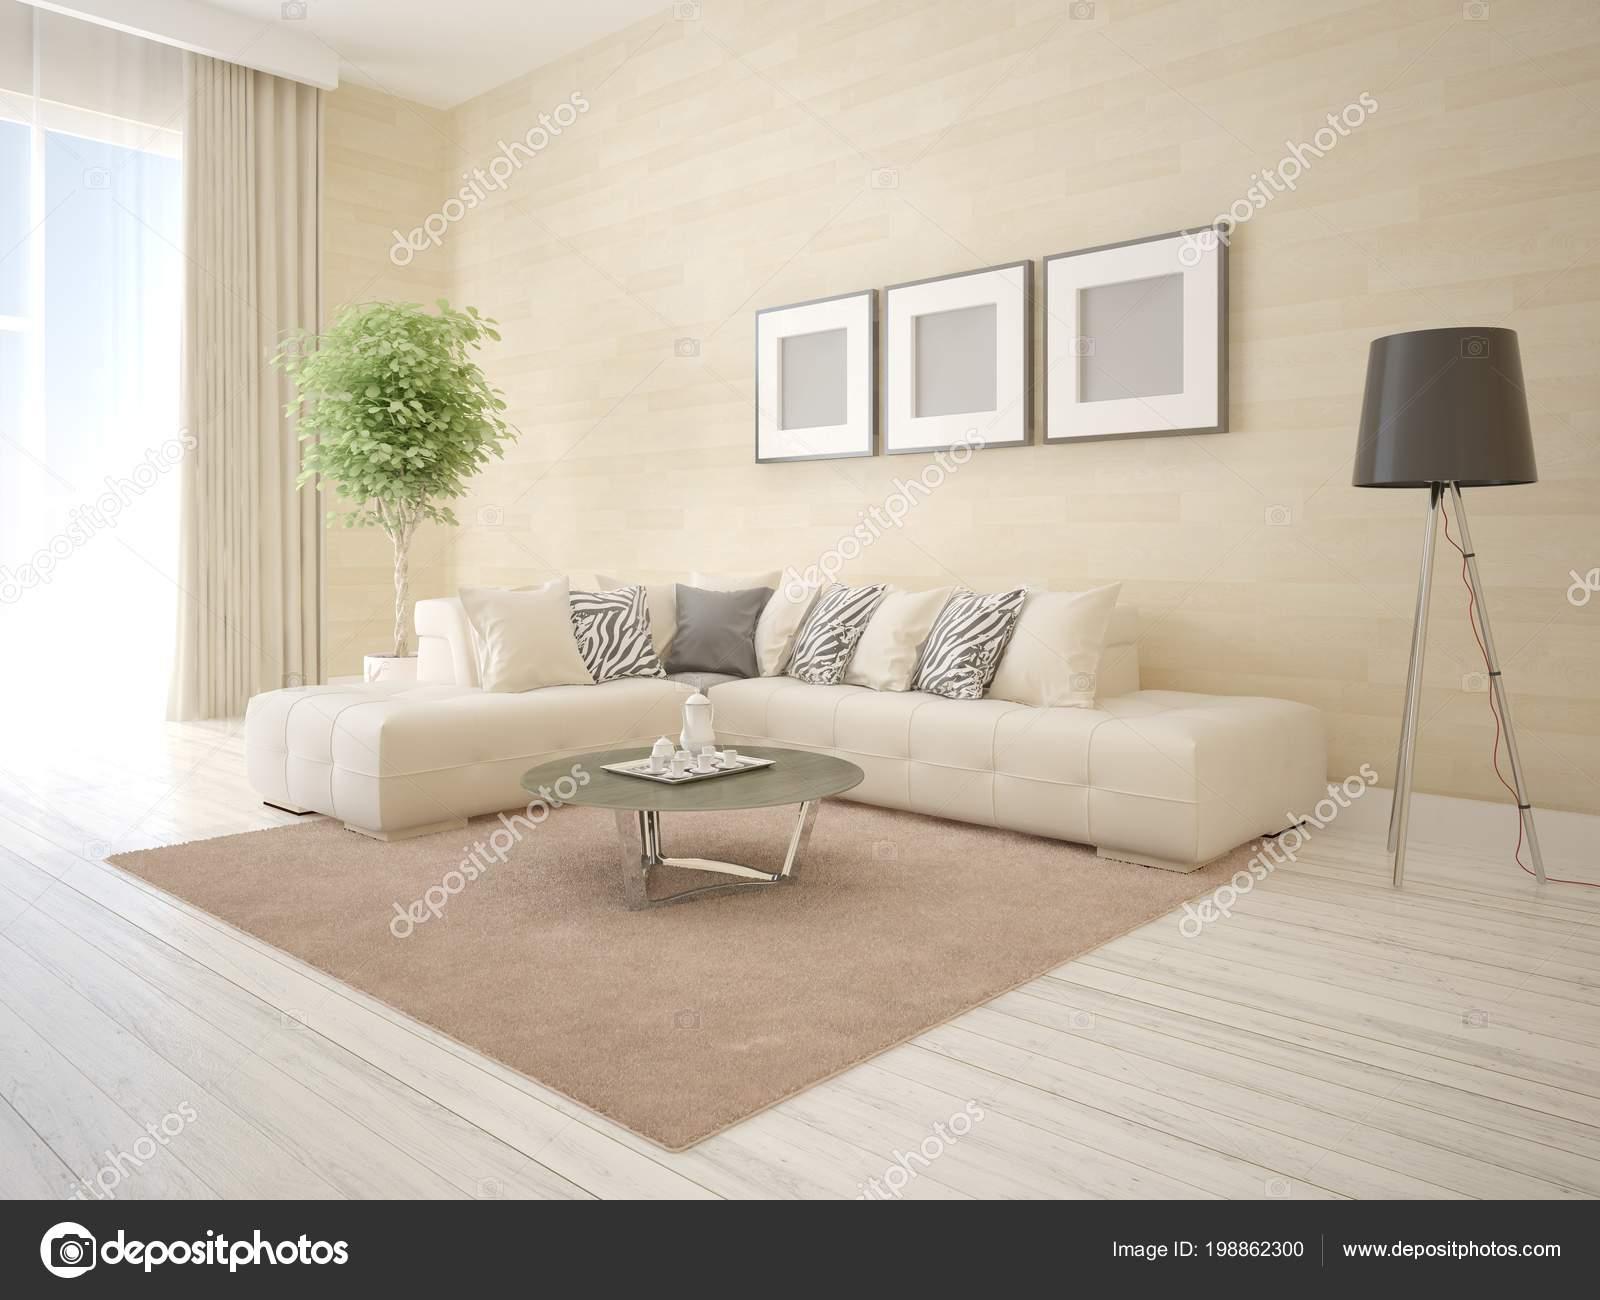 Manichino soggiorno perfetto con arredamento moderno for Soggiorno elegante